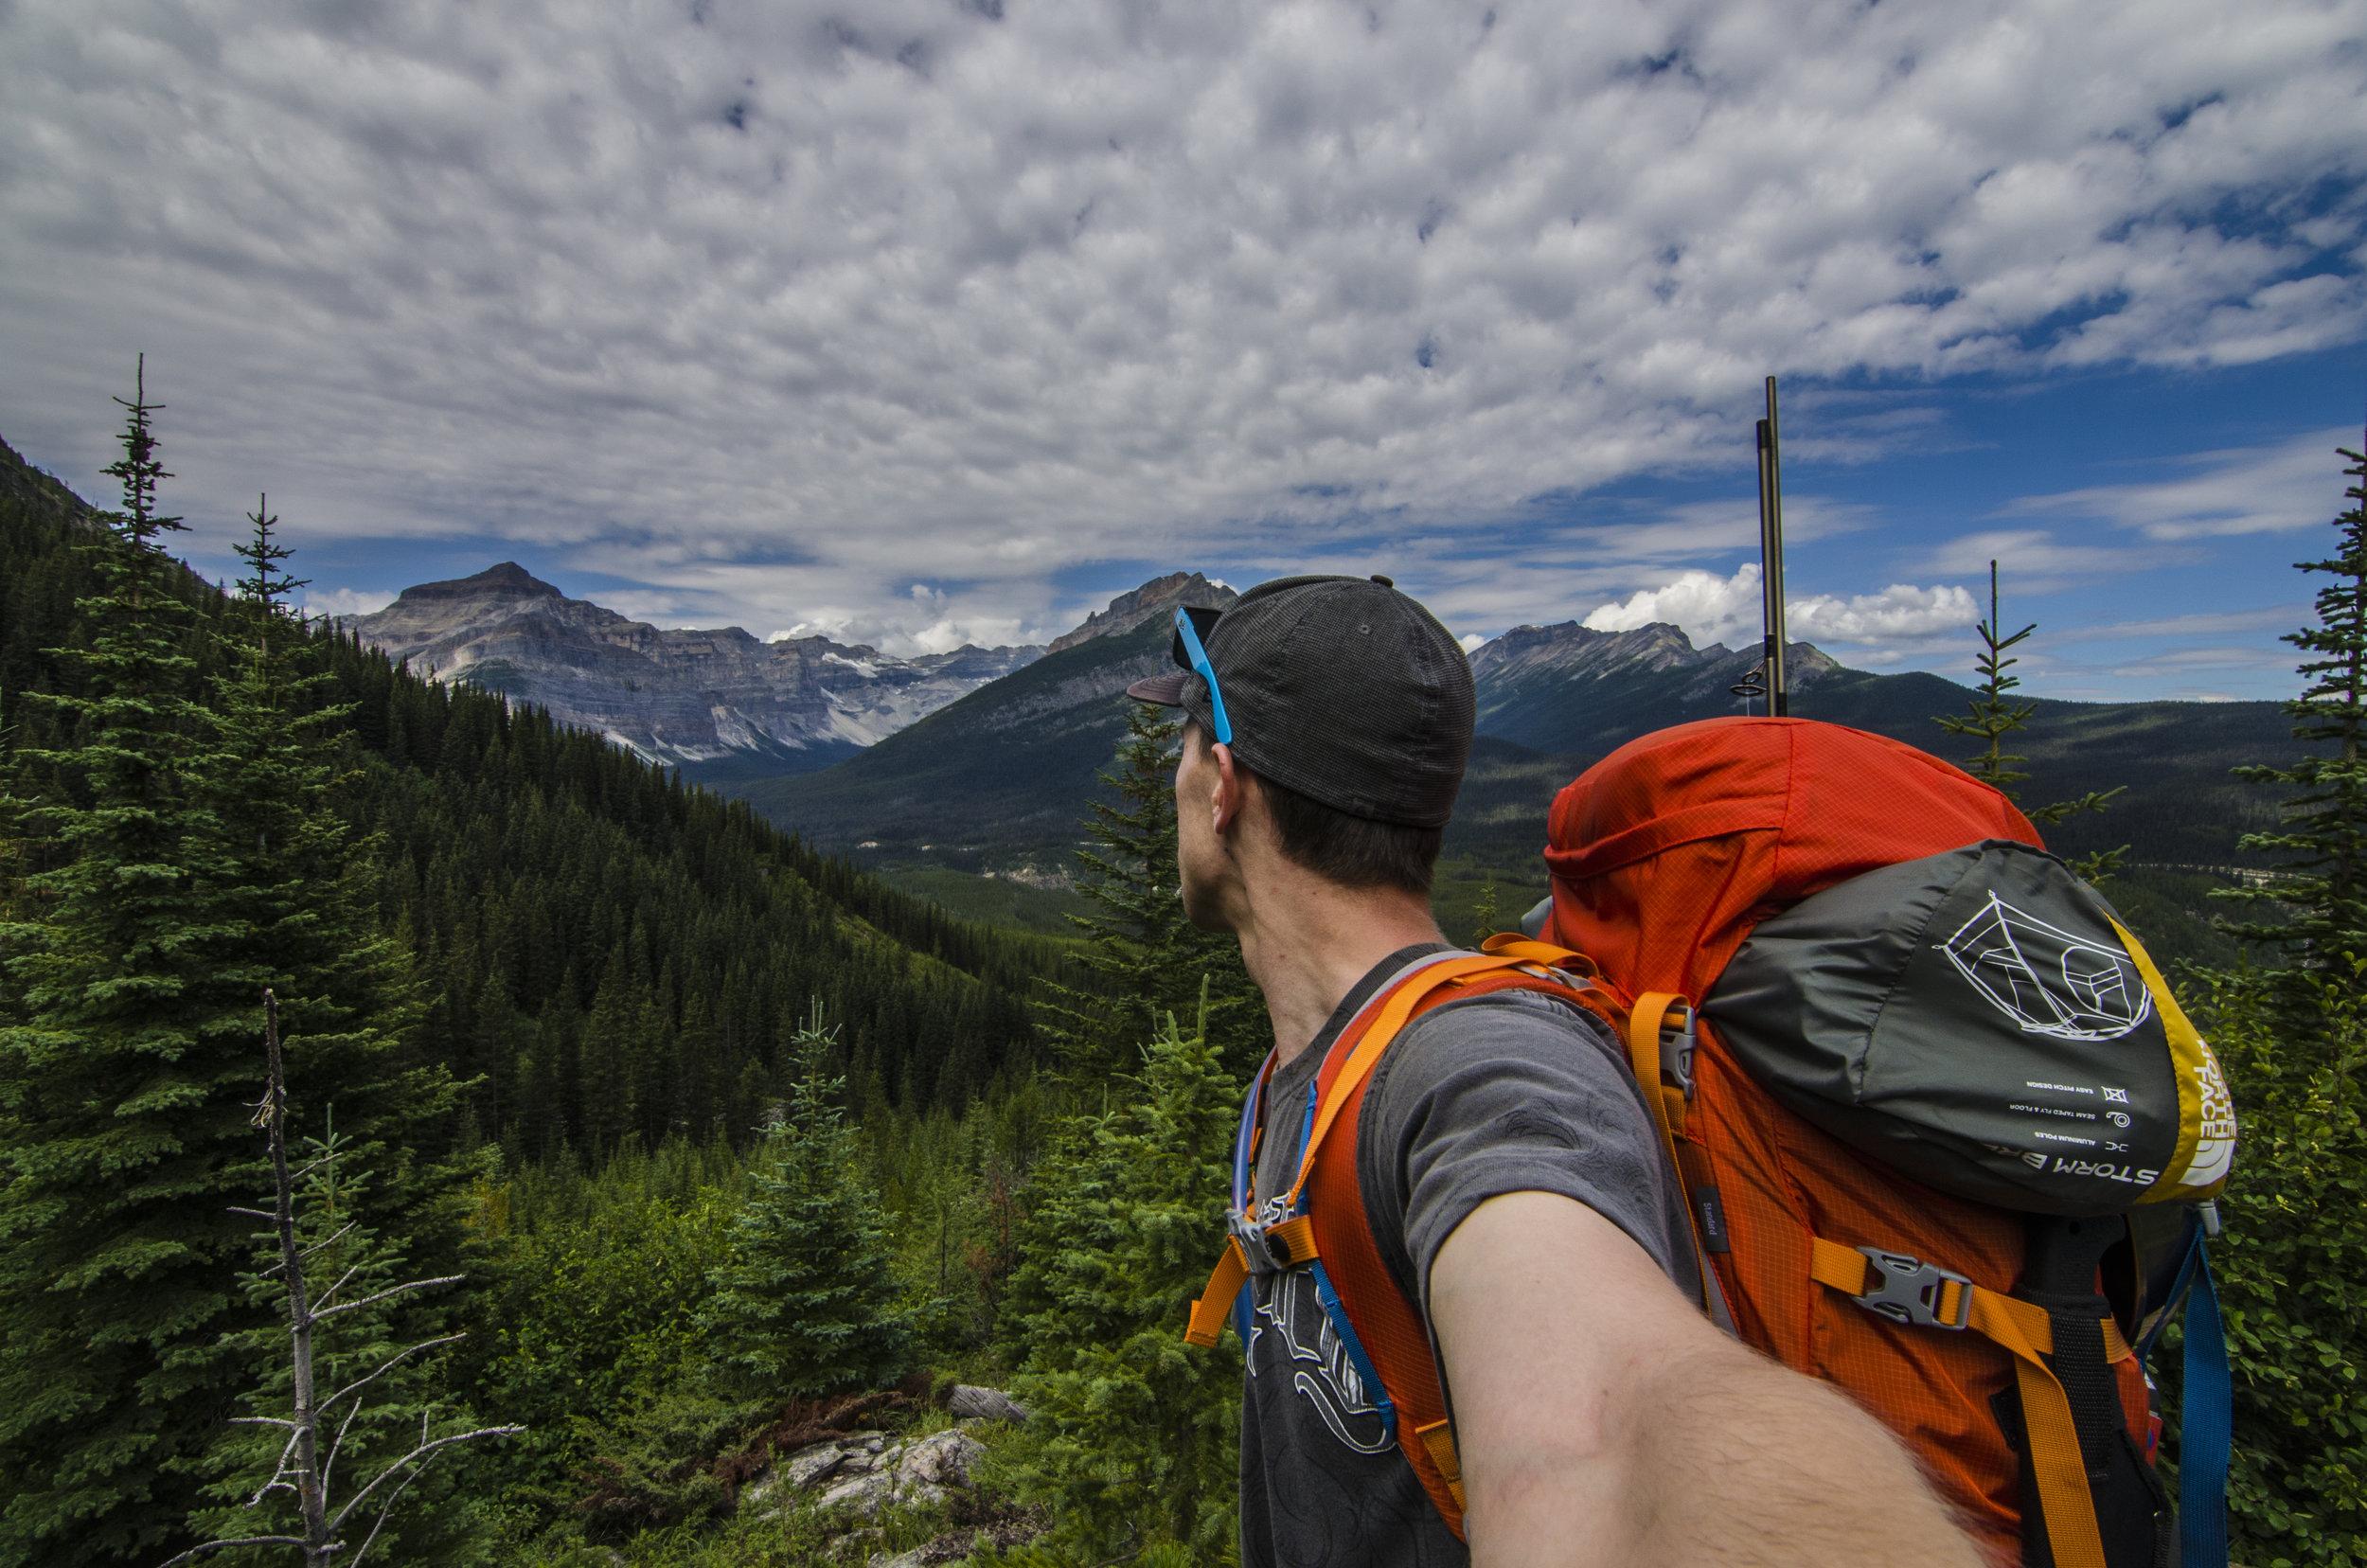 Selfies In Banff